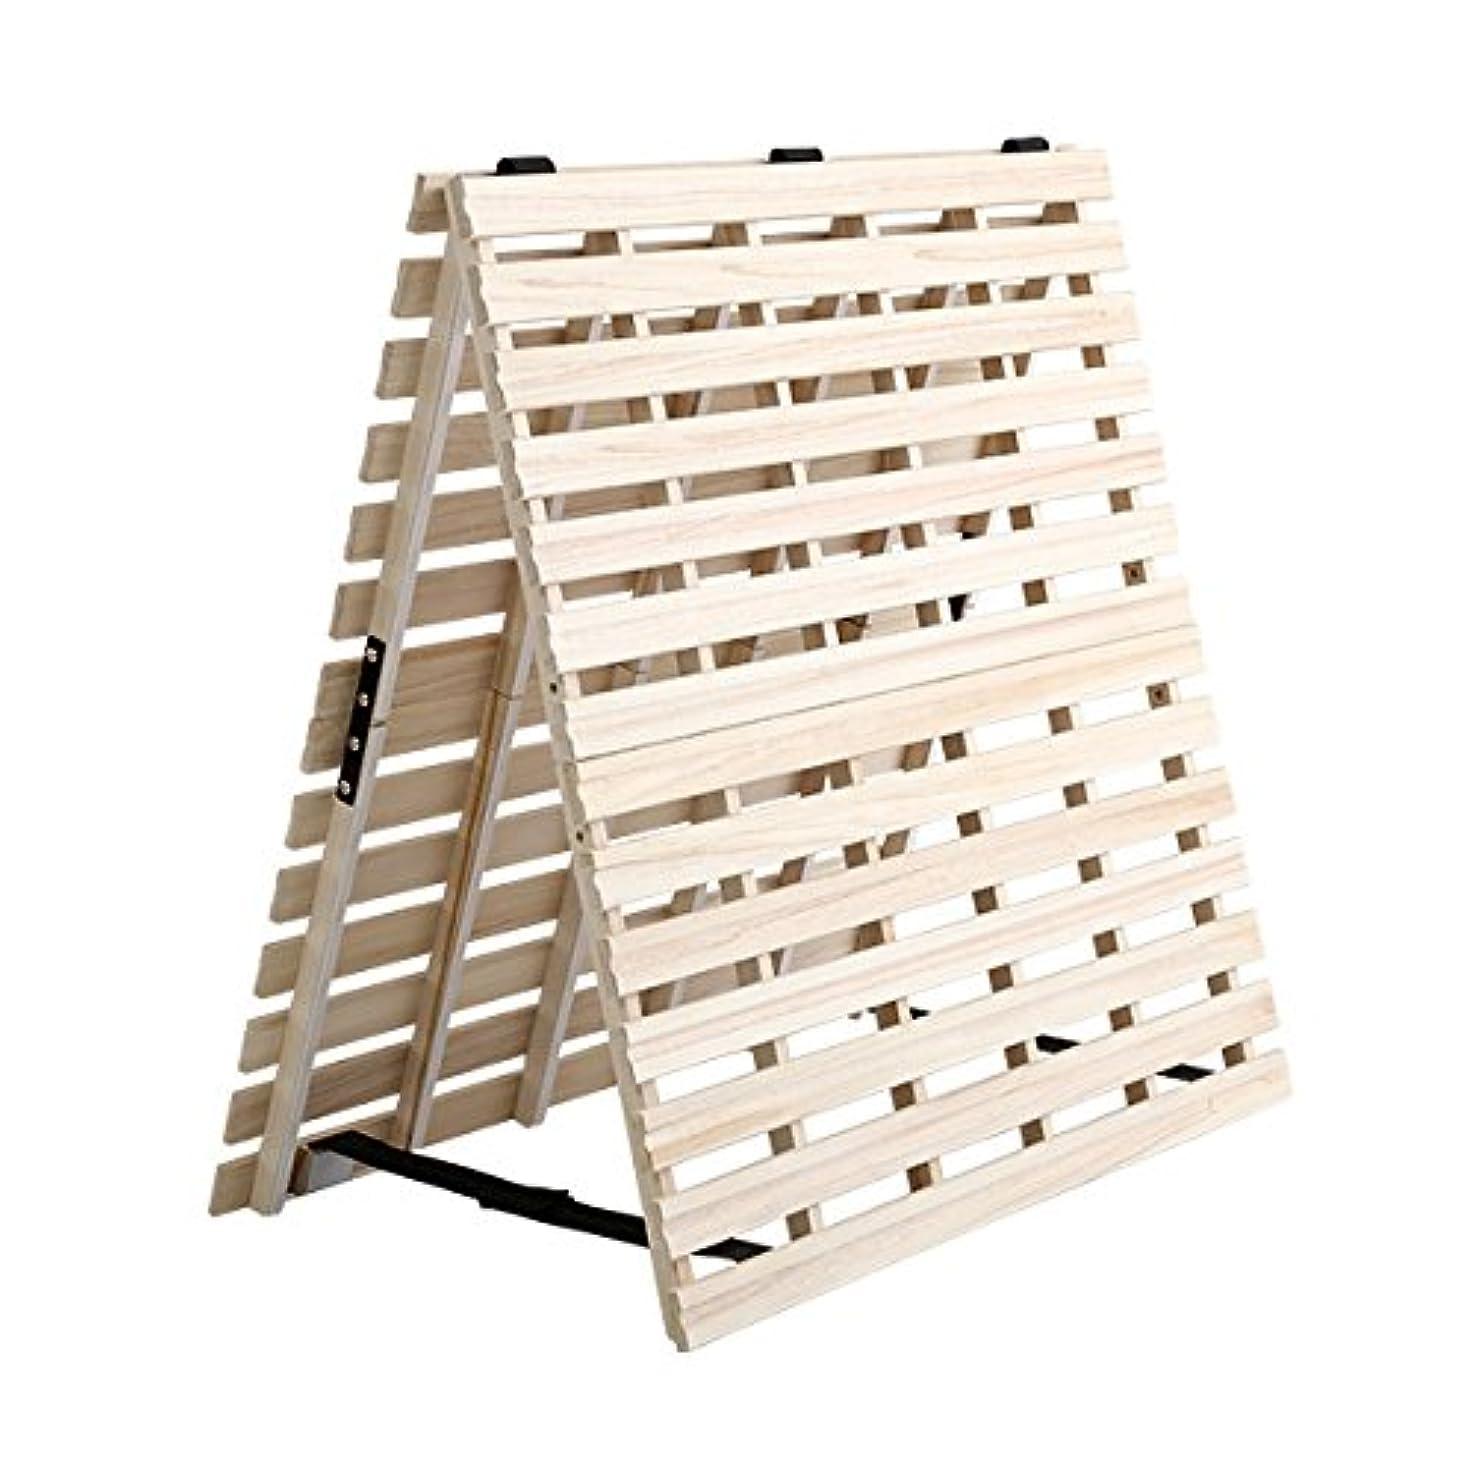 髄足音王室すのこマット すのこベッド 2つ折り式 桐仕様(シングル)【Coh-ソーン-】 ベッド 折りたたみ 折り畳み すのこベッド 桐 すのこ 二つ折り 木製 湿気